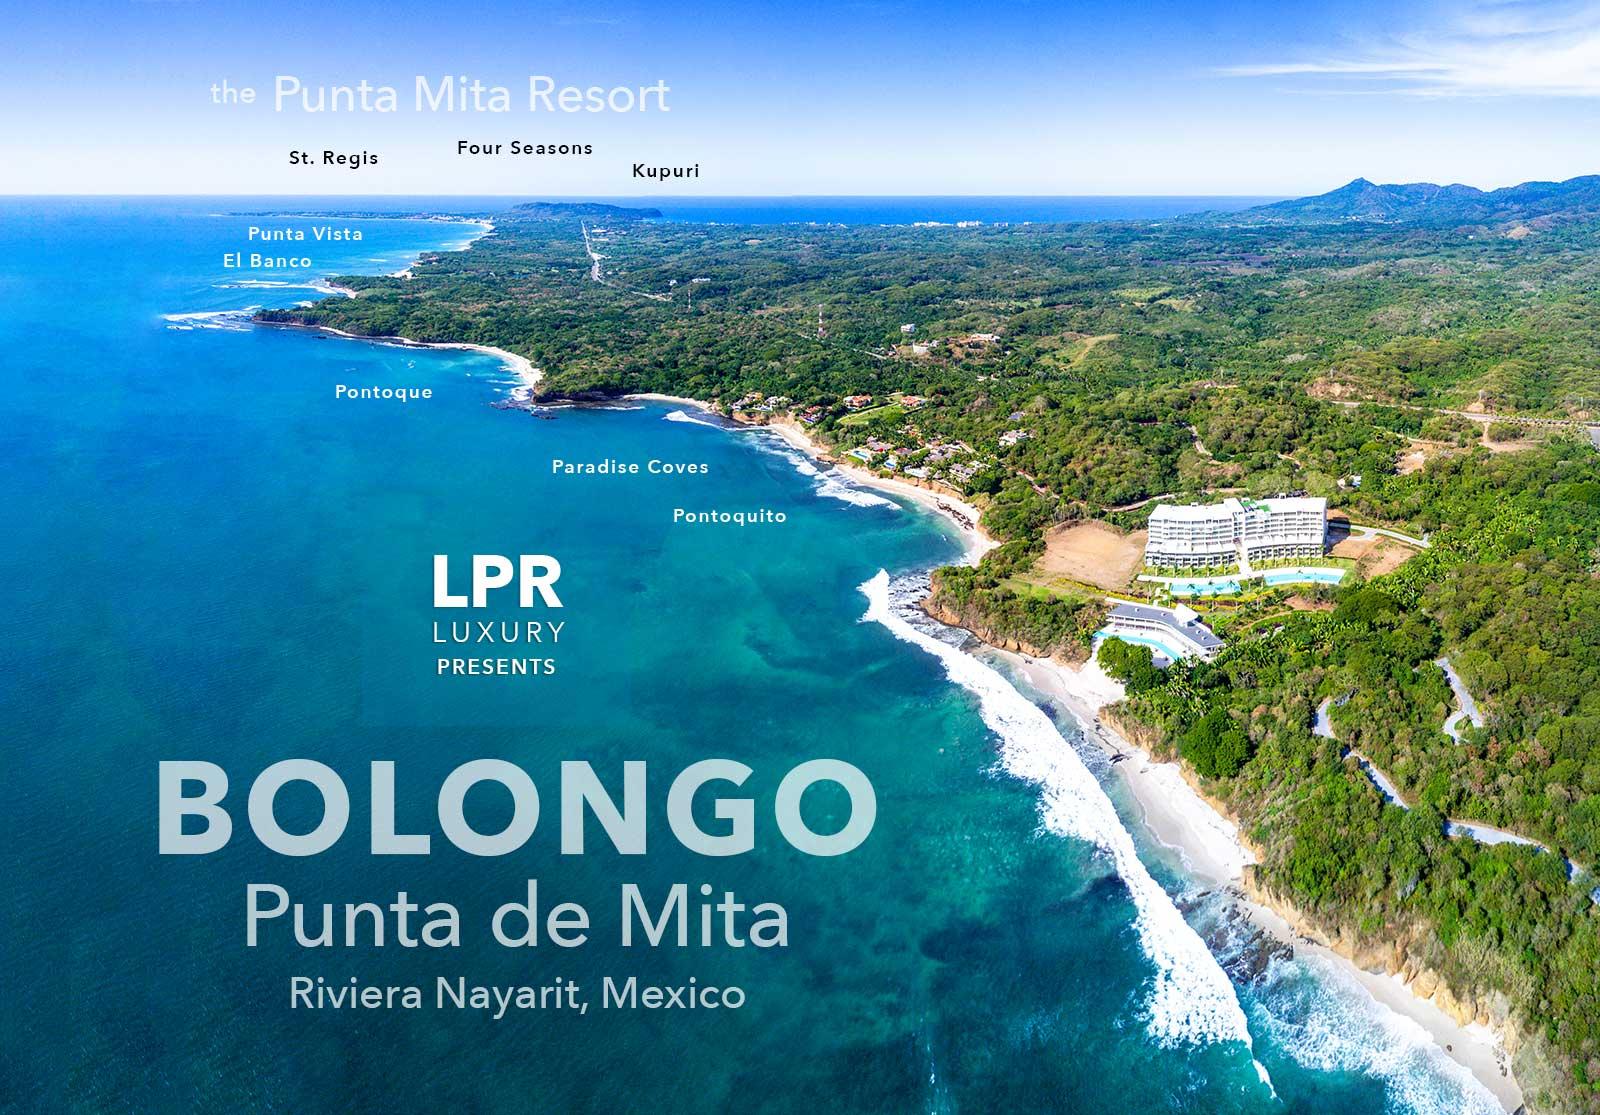 Bolongo - Punta de Mita - Luxury Real Estate North of Puerto Vallarta, Mexico